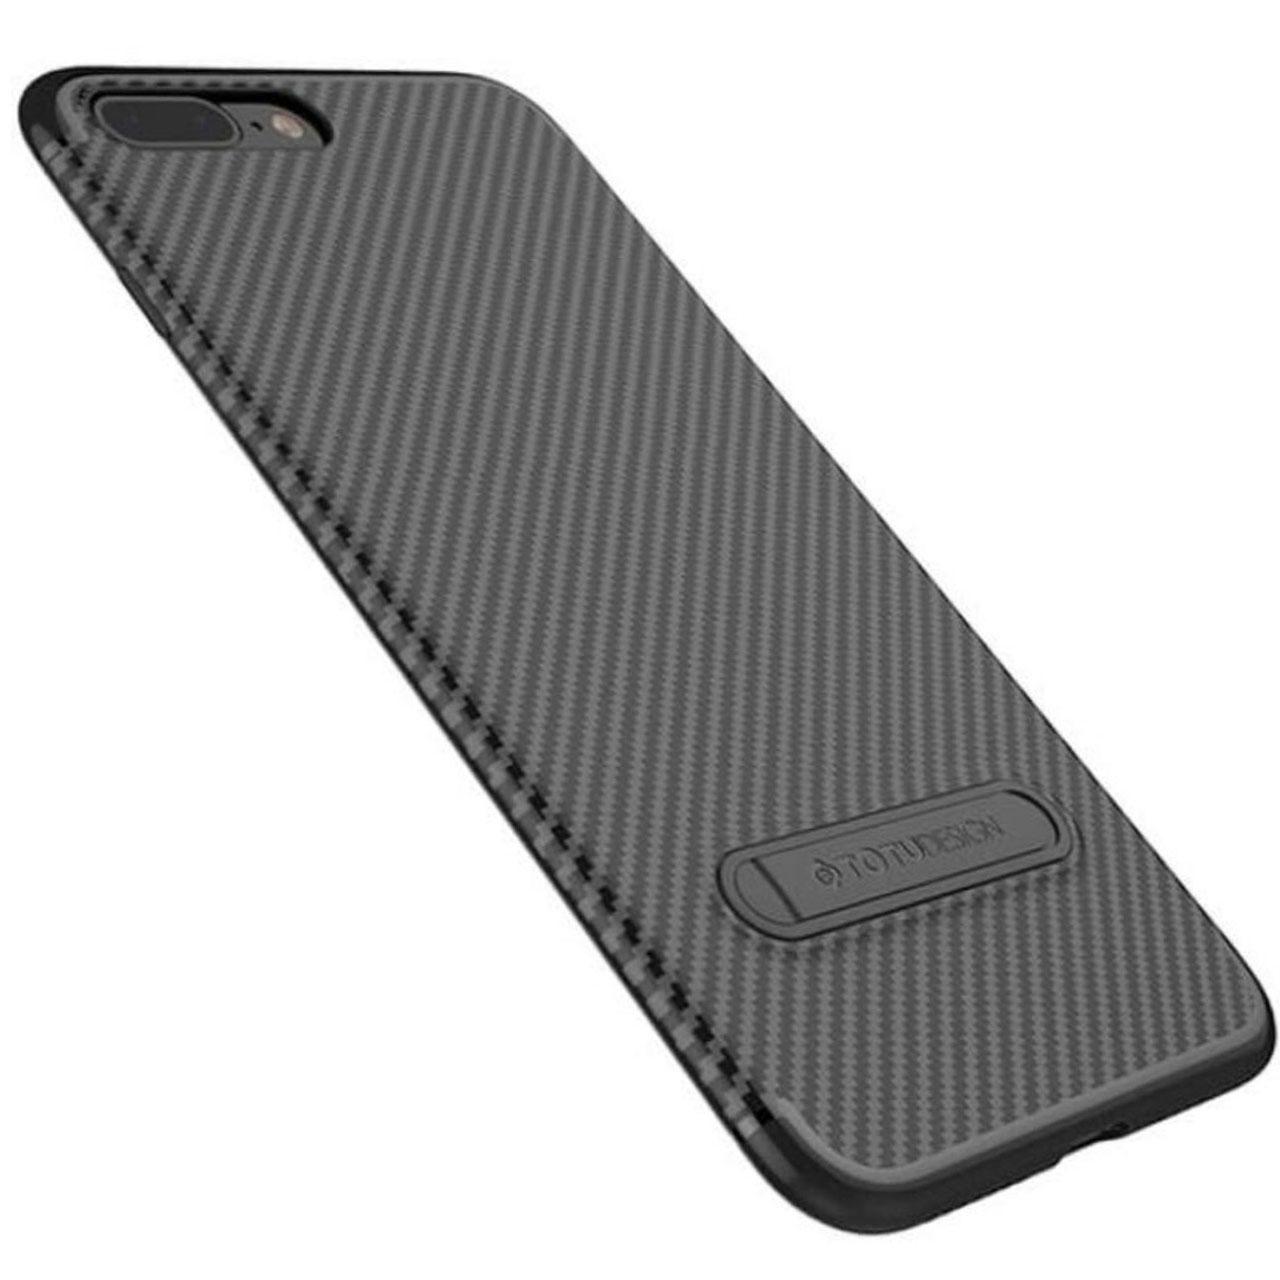 کاور توتو مدل Follow مناسب برای گوشی موبایل اپل iphone 7 plus / 8 plus